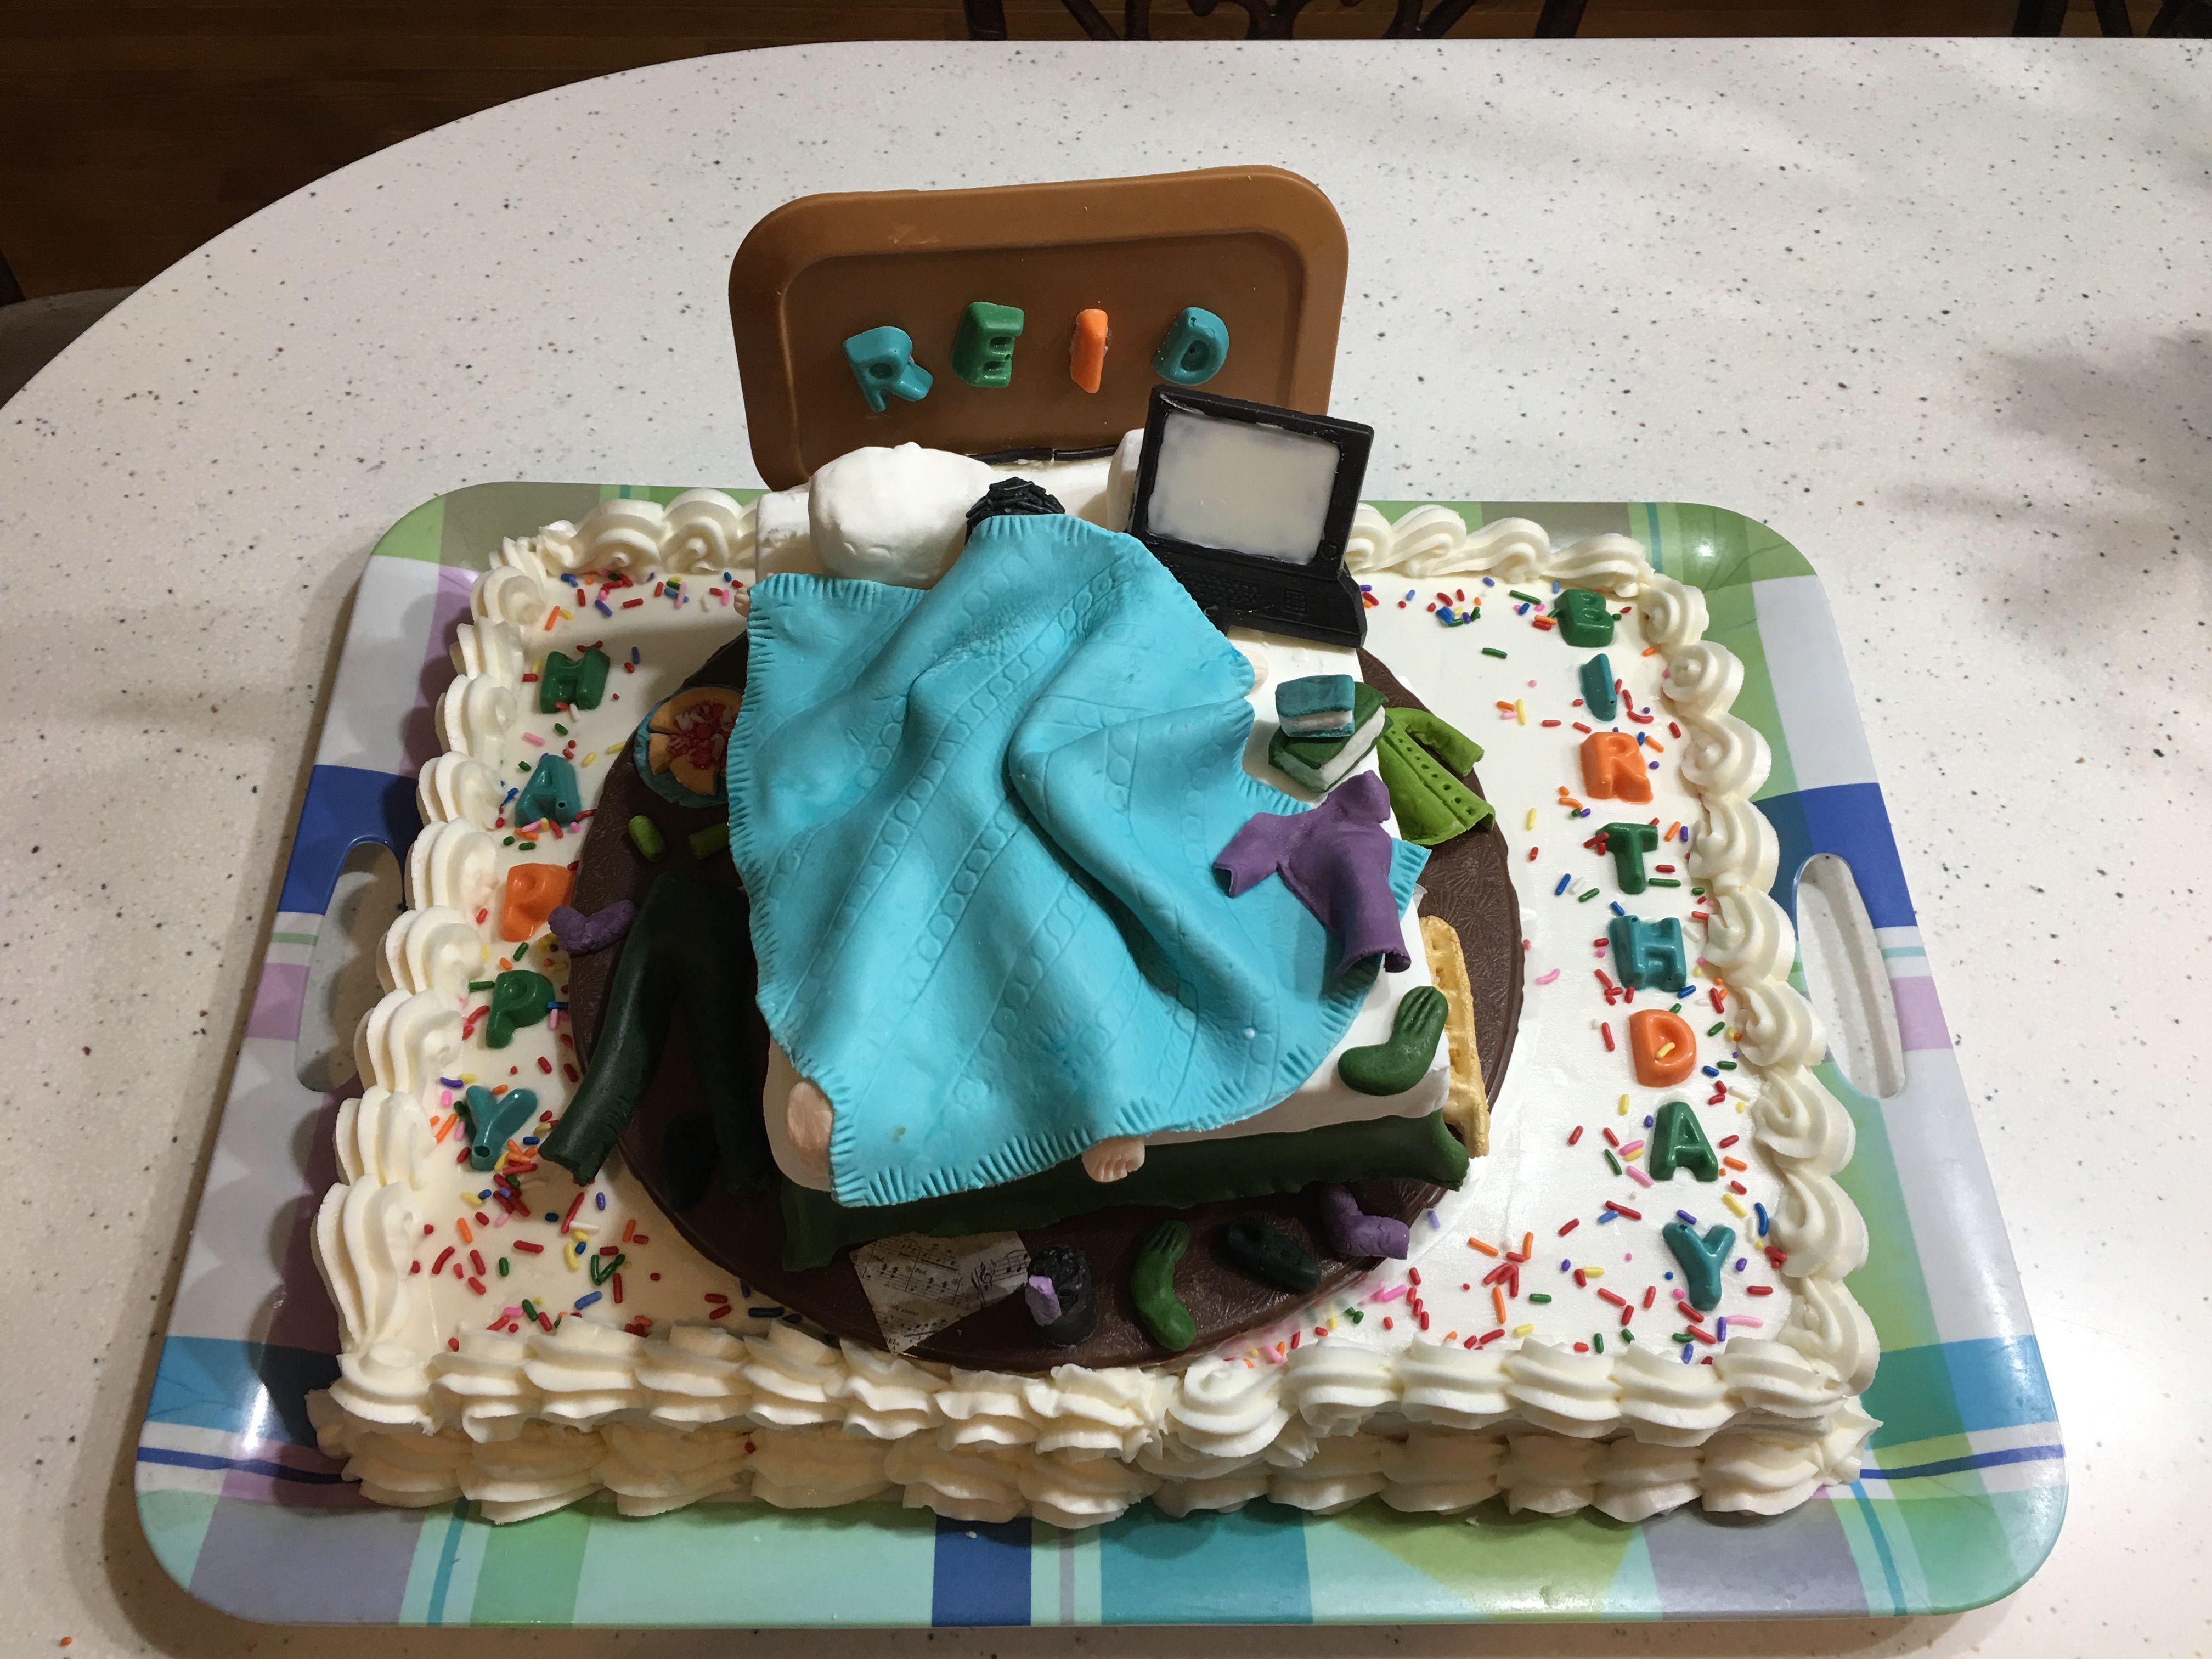 27+ 17th birthday cake ideas boy ideas